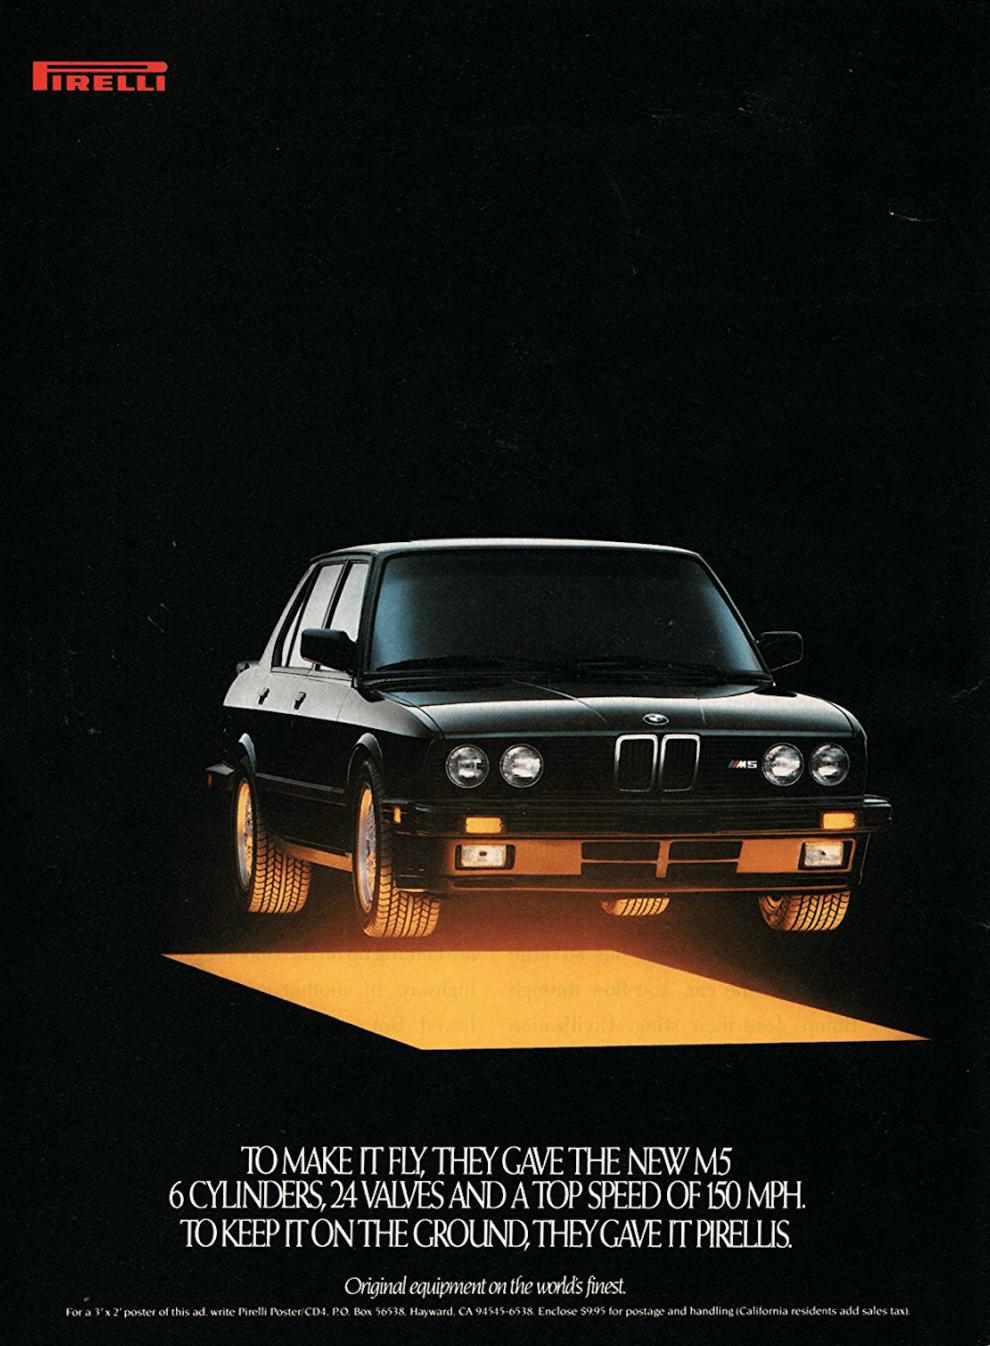 BMW x Pirelli Retro Car Ad